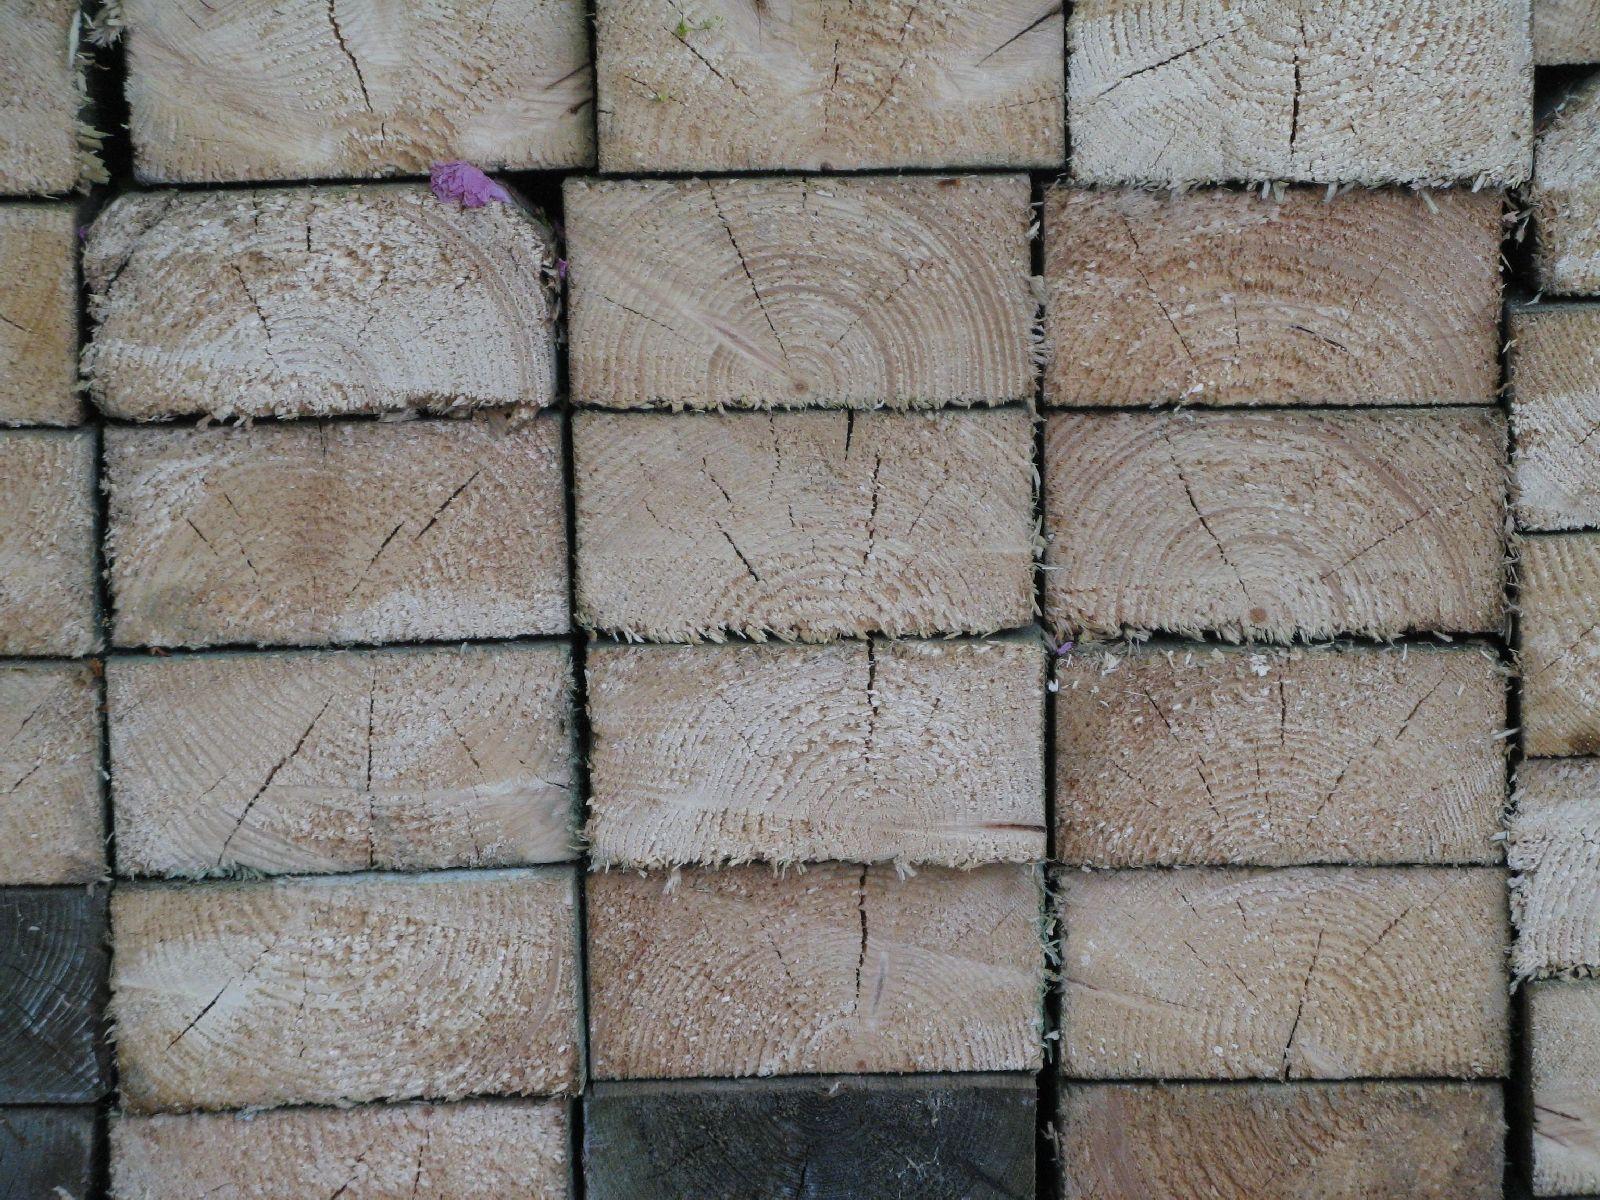 Holz_Texturs_B_0033